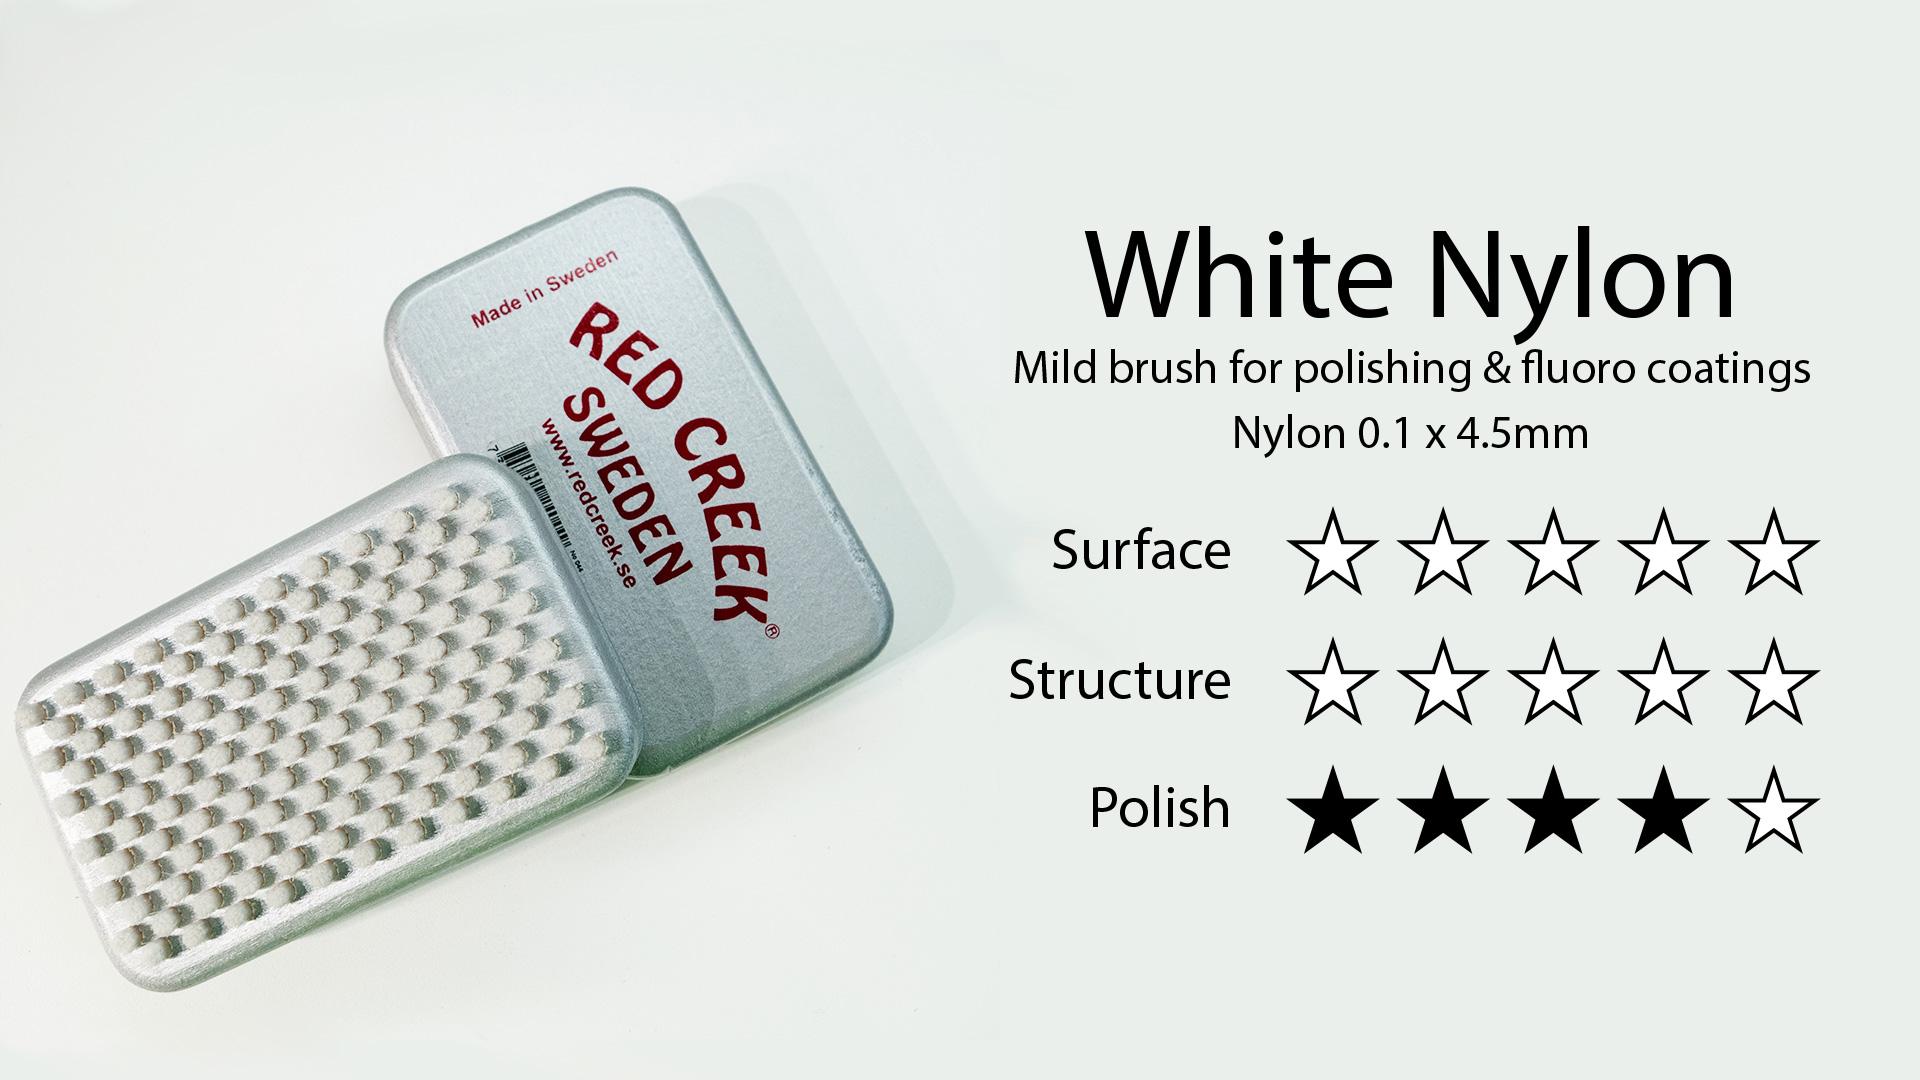 whitenylon.jpg